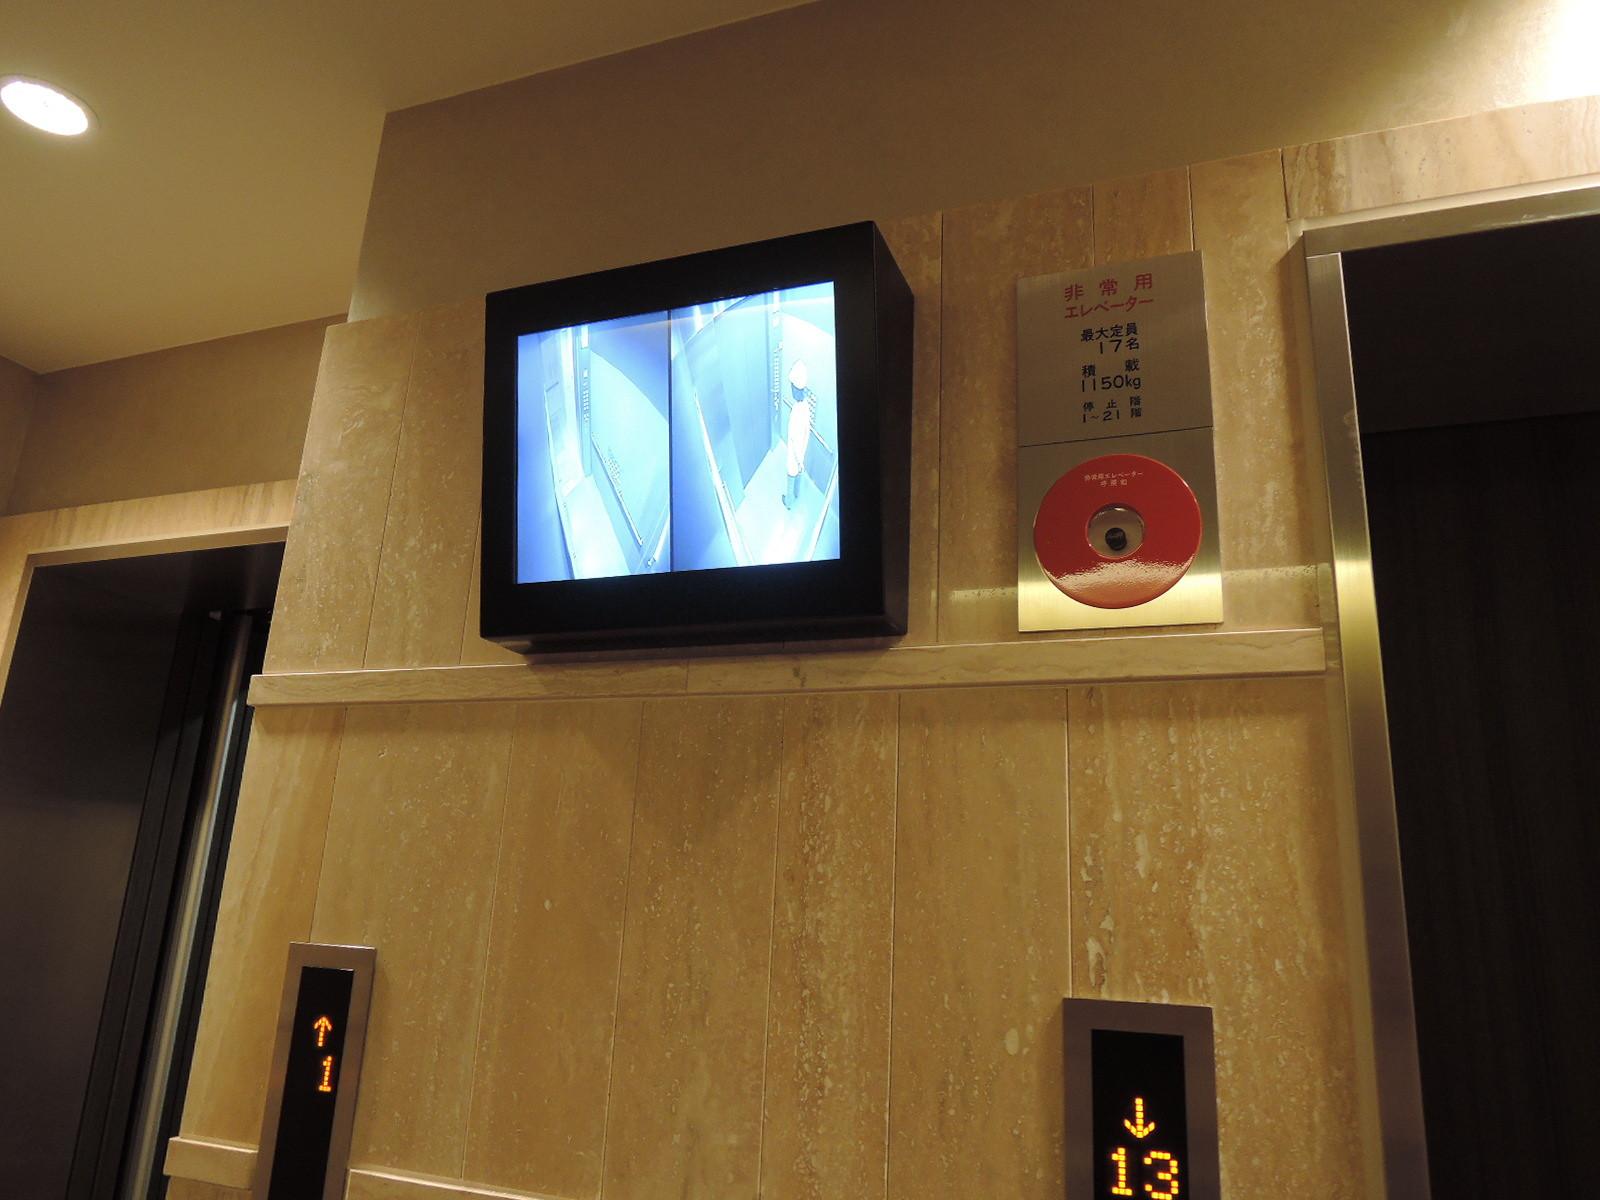 エレベーター内を確認できるモニターも